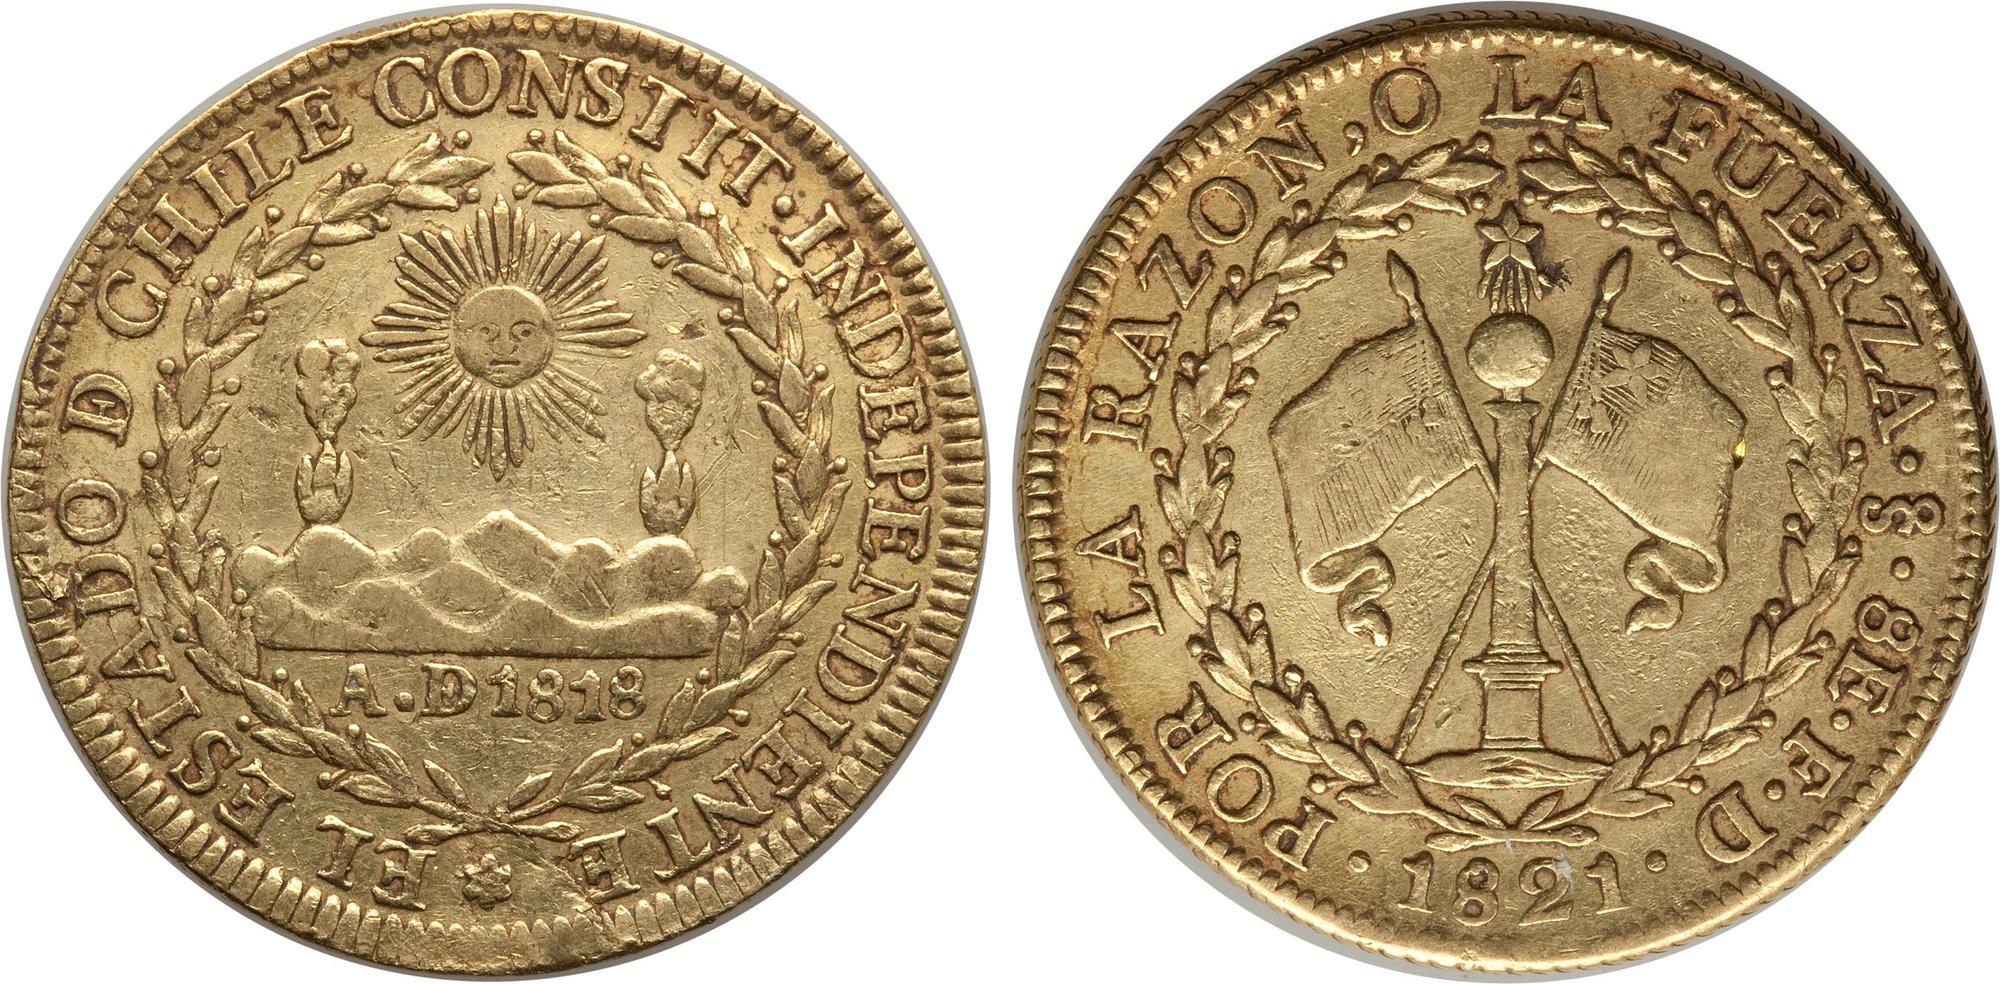 Image 1948 10 Francs Value